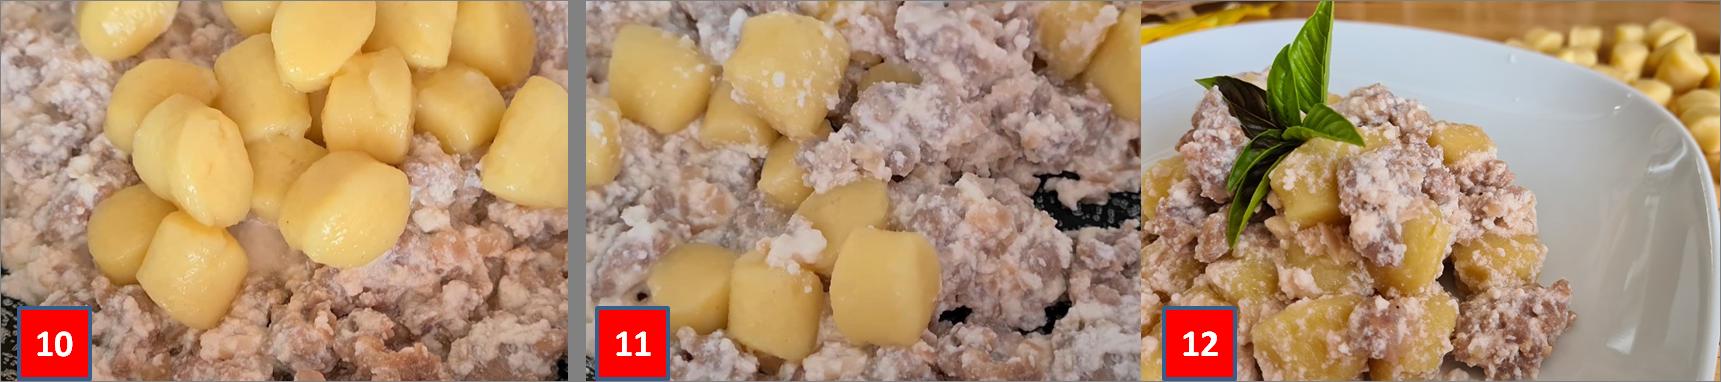 ricetta passo passo di gnocchi con ragu di salsiccia e ricotta 1